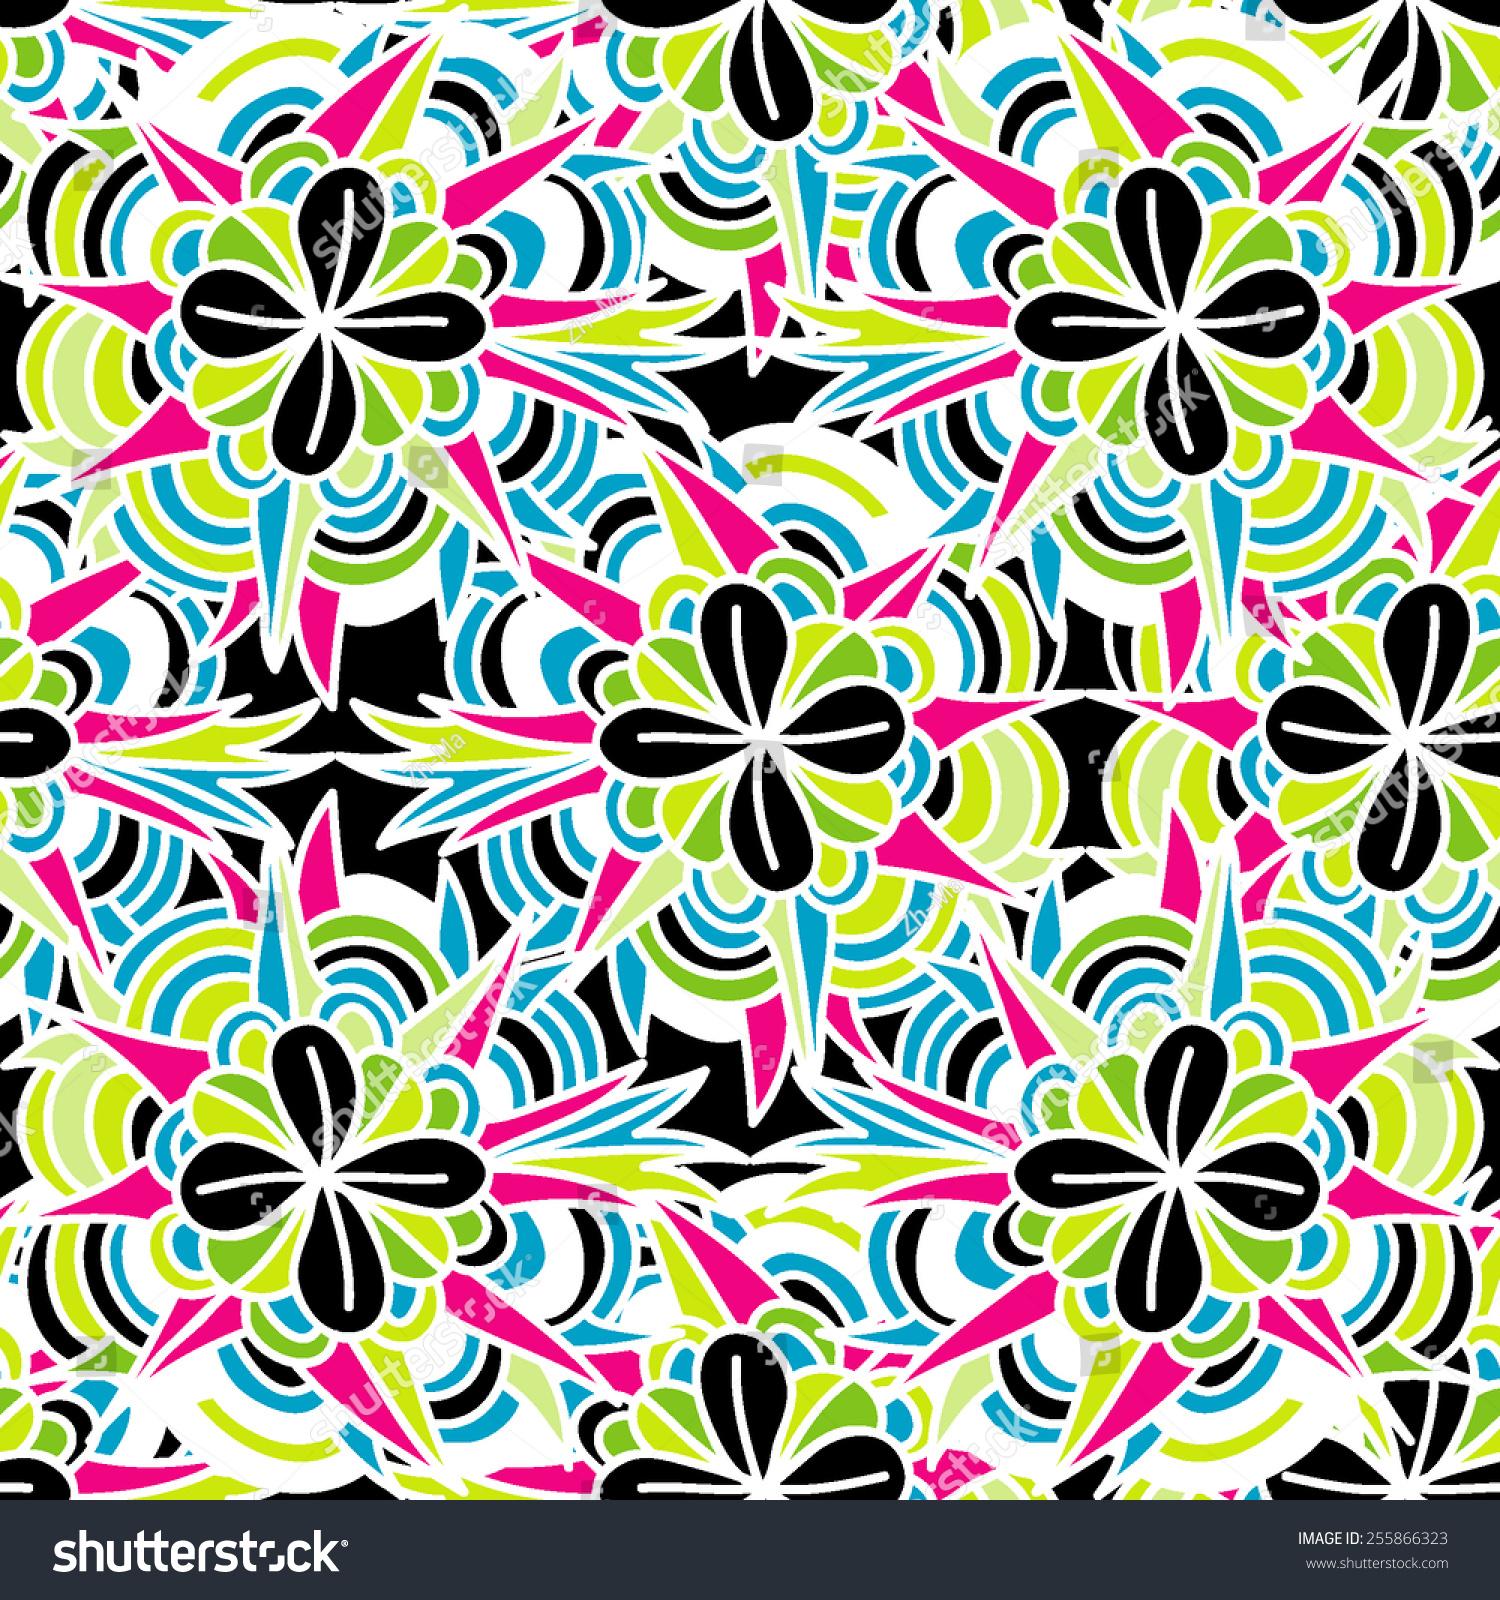 花卉矢量彩色背景.无缝的手绘图案.抽象的动机